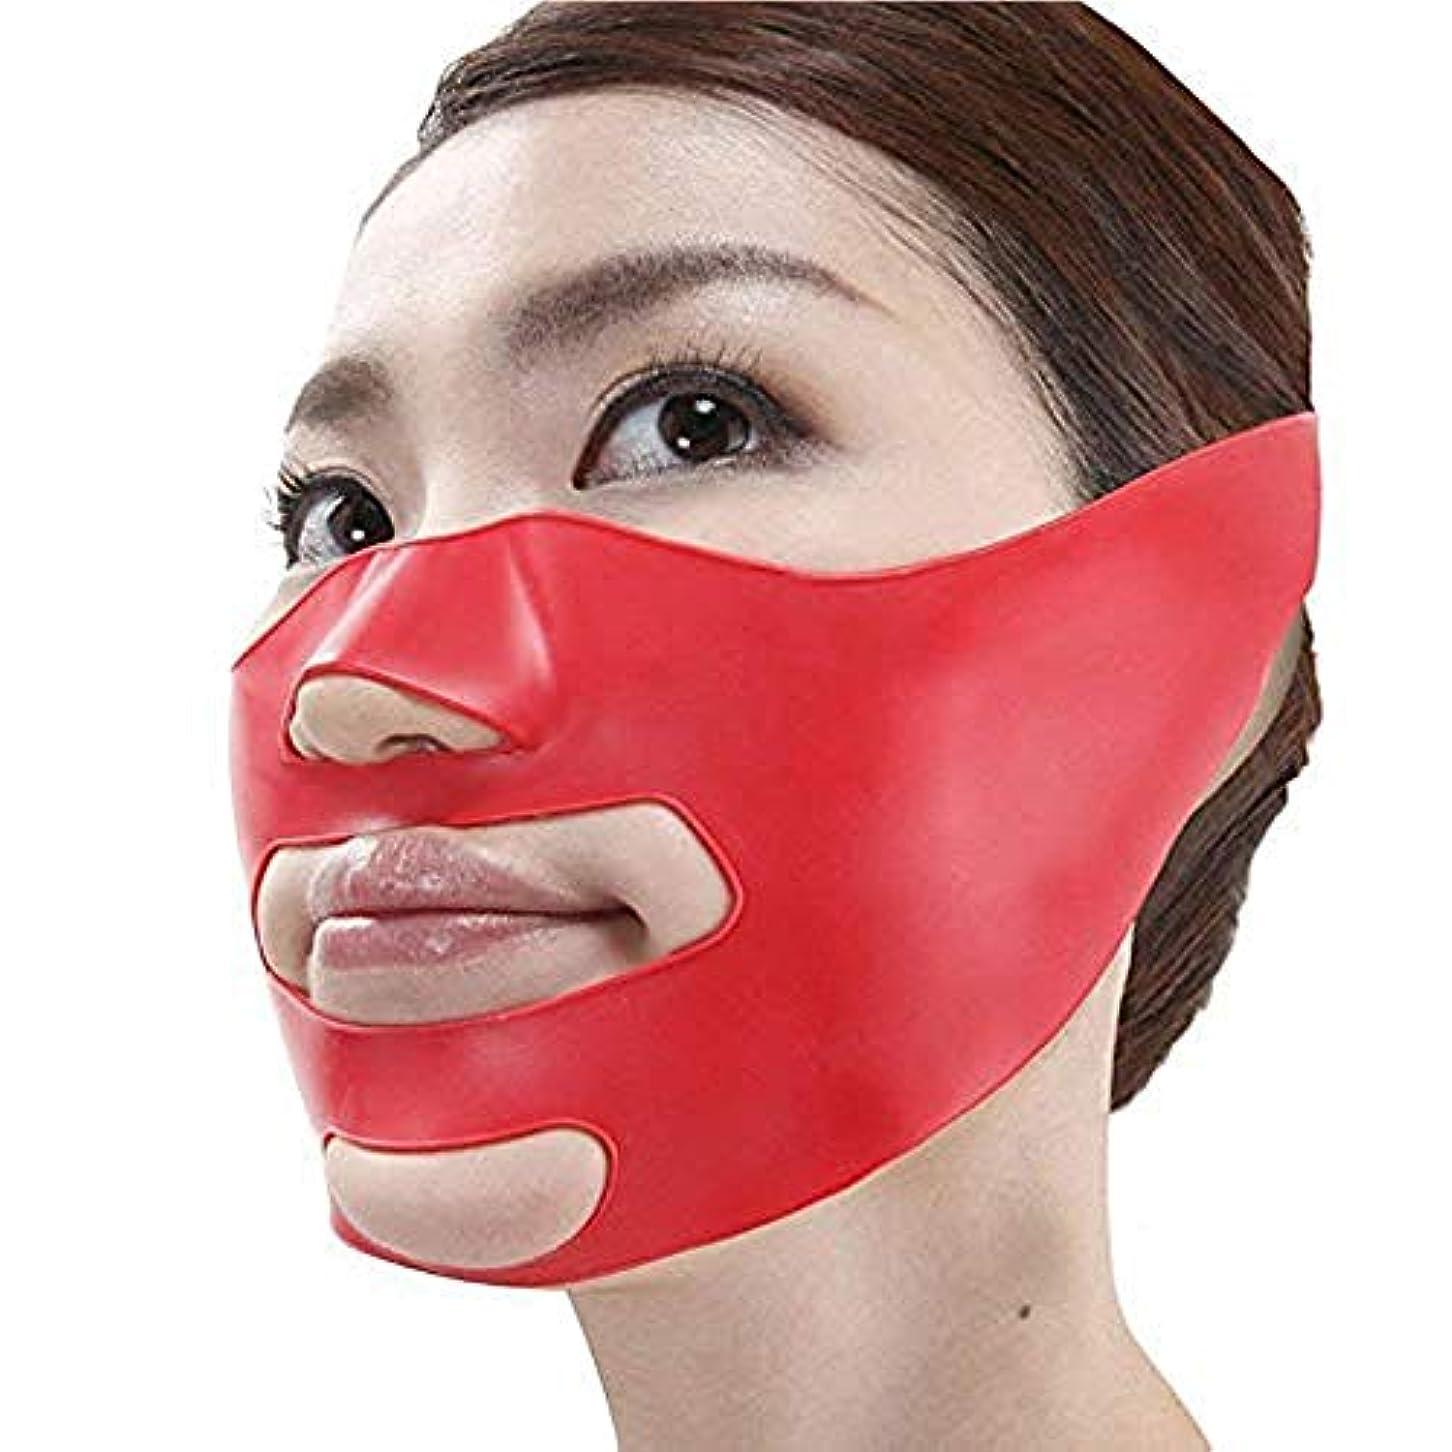 ウルル無限明るくするMilent 小顔矯正 マスク 小顔補正ベルト ほうれい線 リフトスリムマスク 3Dエクササイズマスク 法令線予防 抗シワ サウナマスク 美顔 フリーサイズ